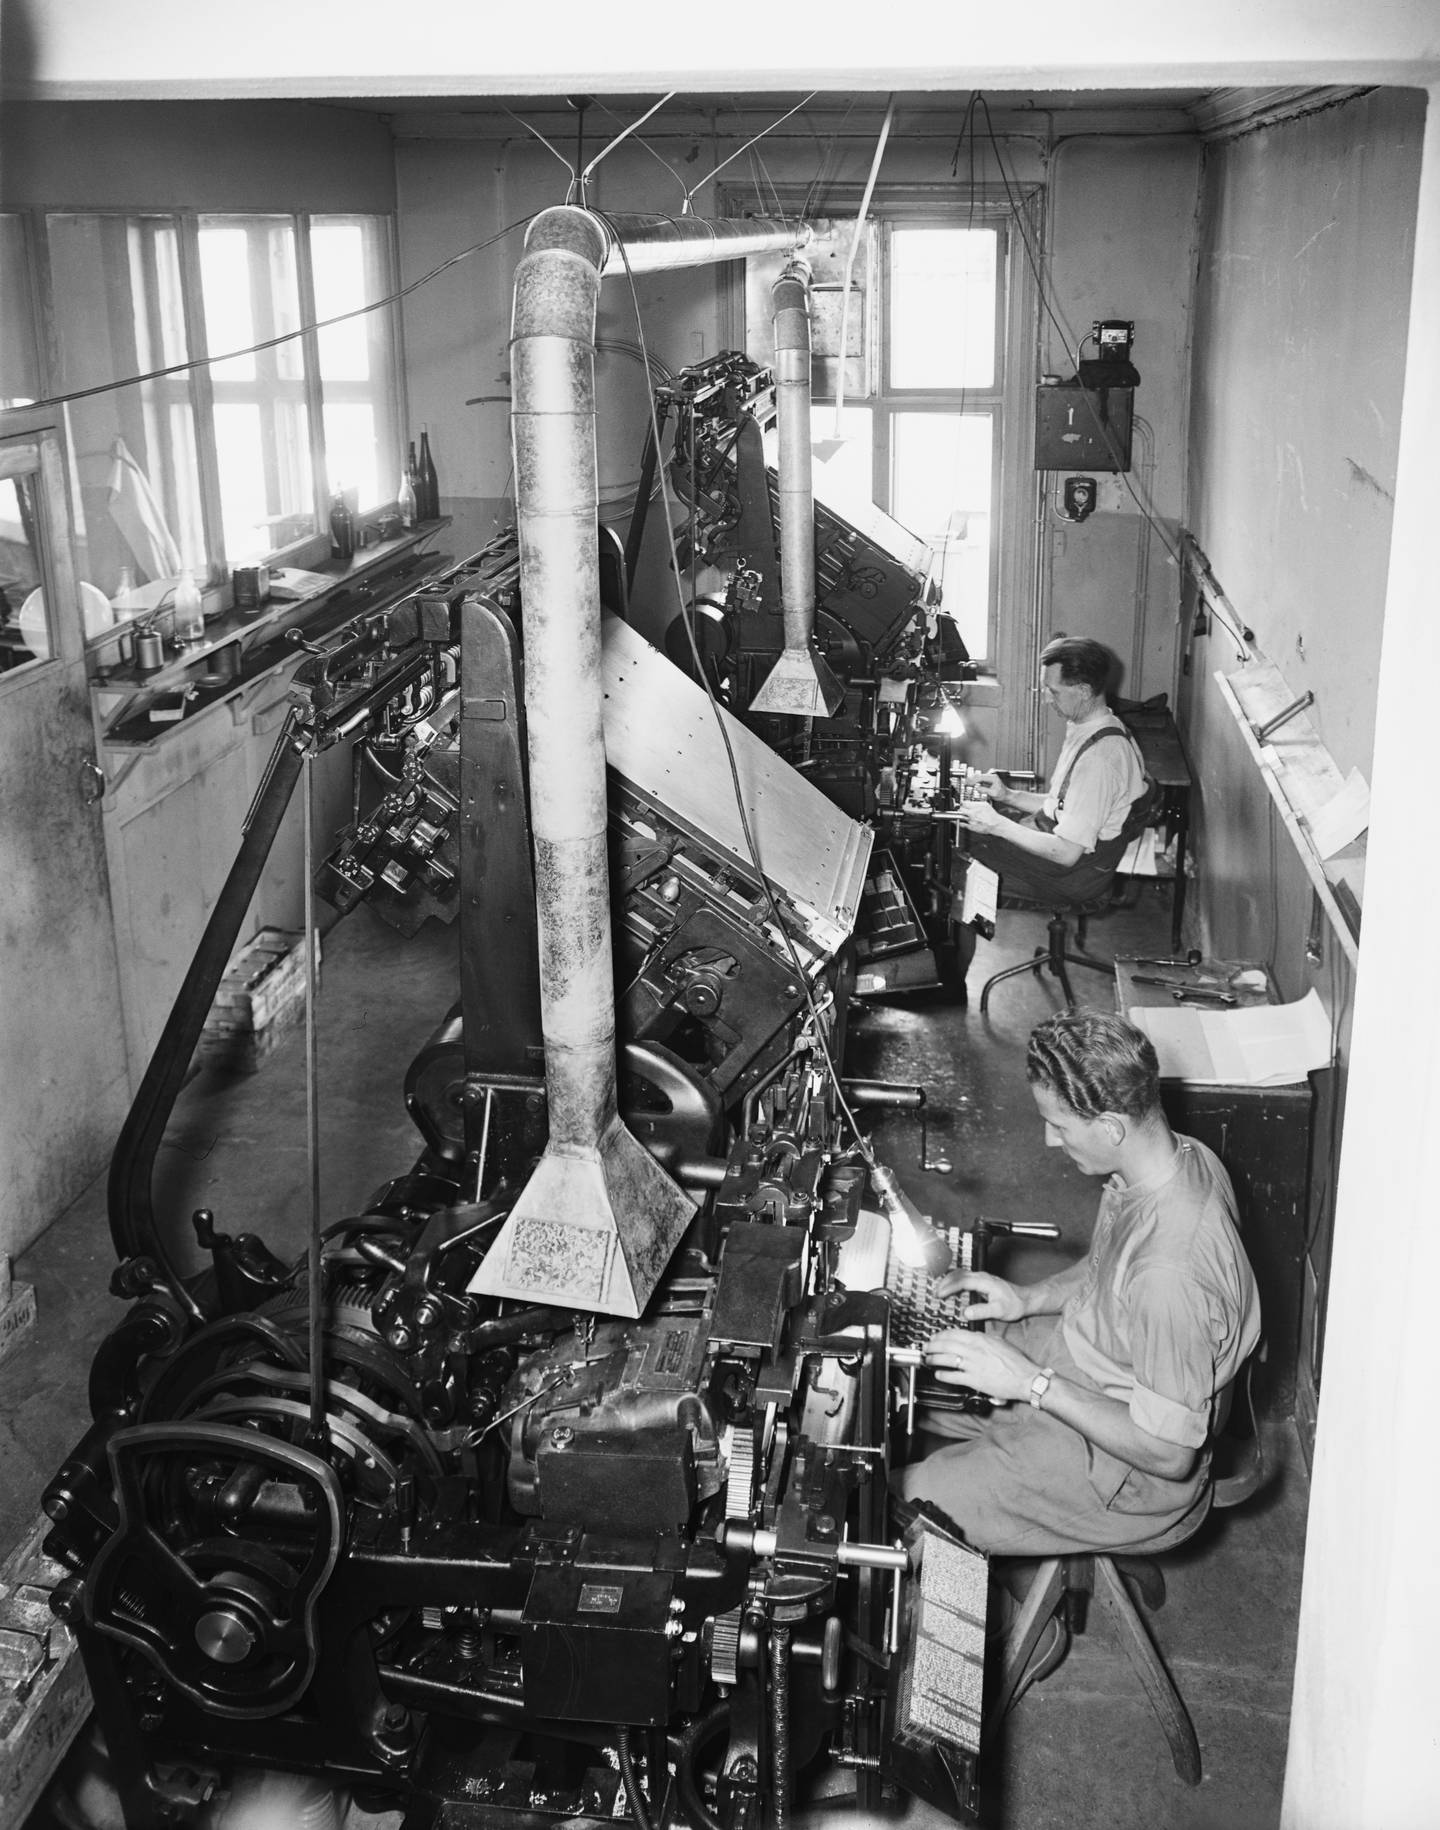 Etter hvert økte bevisstheten om hvor farlig dampen fra blyet var, og det ble etablert avtrekk over de nye settemaskinene hvor hele skriftlinjer ble støpt. Her fra et setteri i 1949.